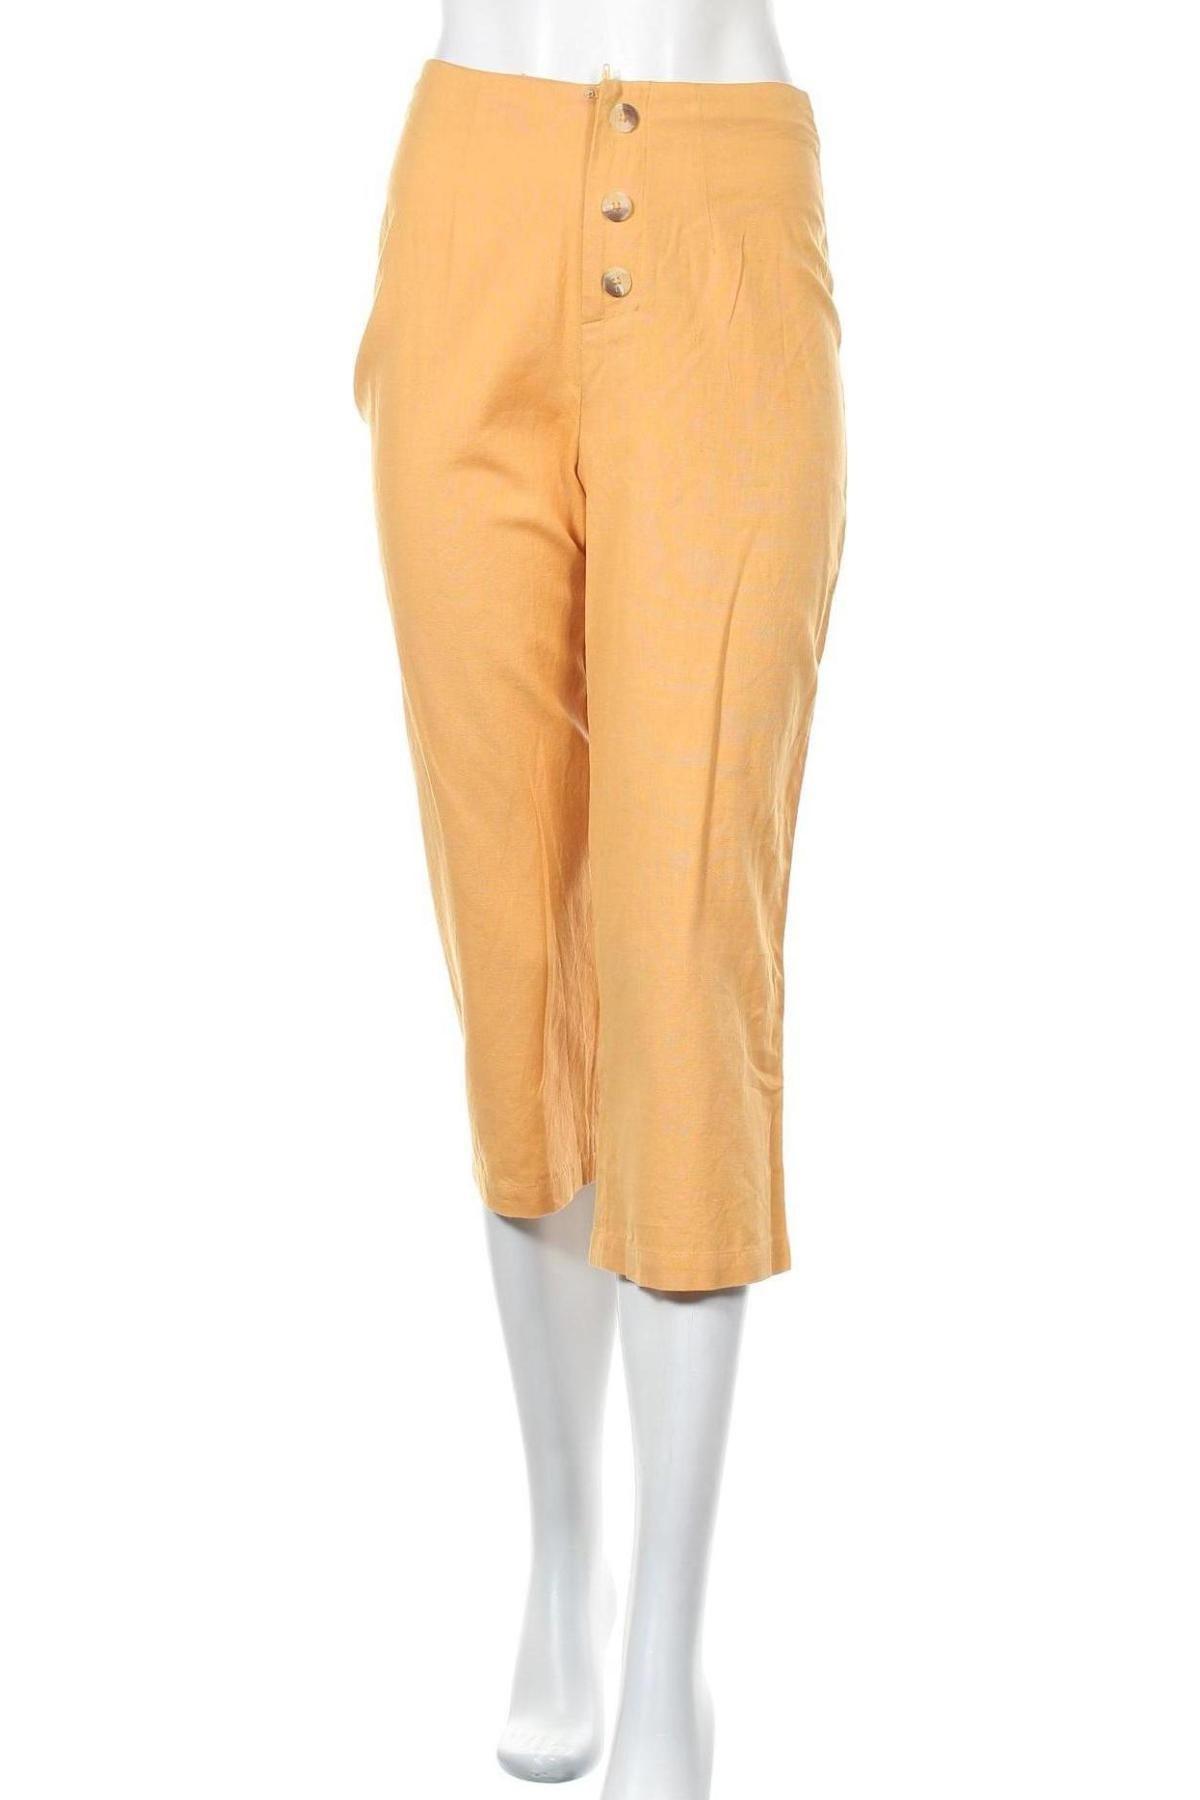 Дамски панталон About You, Размер XS, Цвят Жълт, 85% памук, 15% лен, Цена 25,60лв.